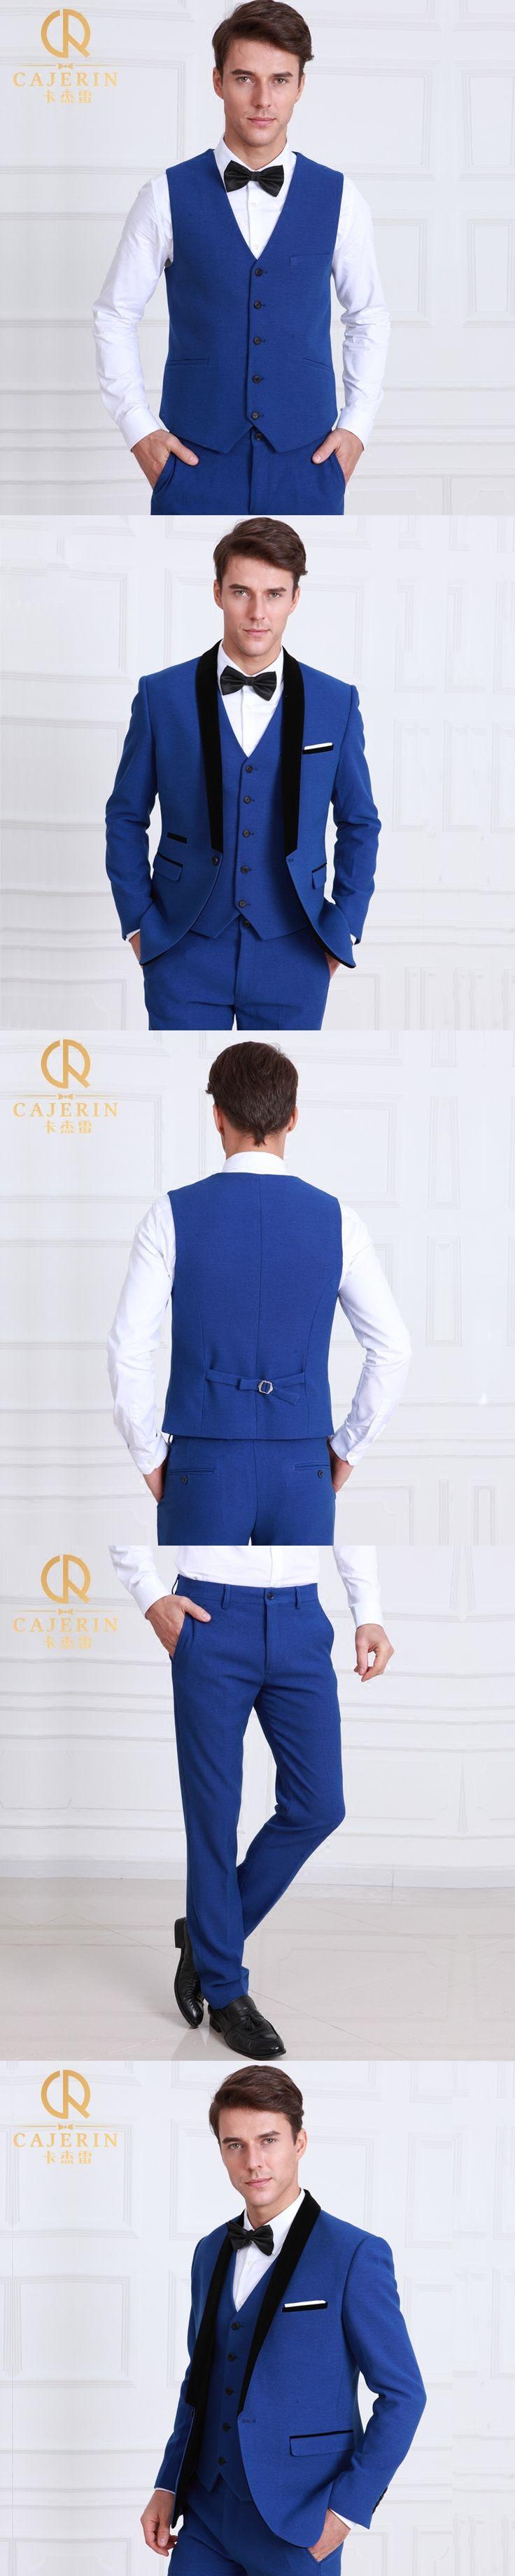 Pre Sale Men Suit Slim Fit Gentleman Royal Blue Tuxedo England Style Wedding Groom Prom Party Business Man Suits 3pcs Set